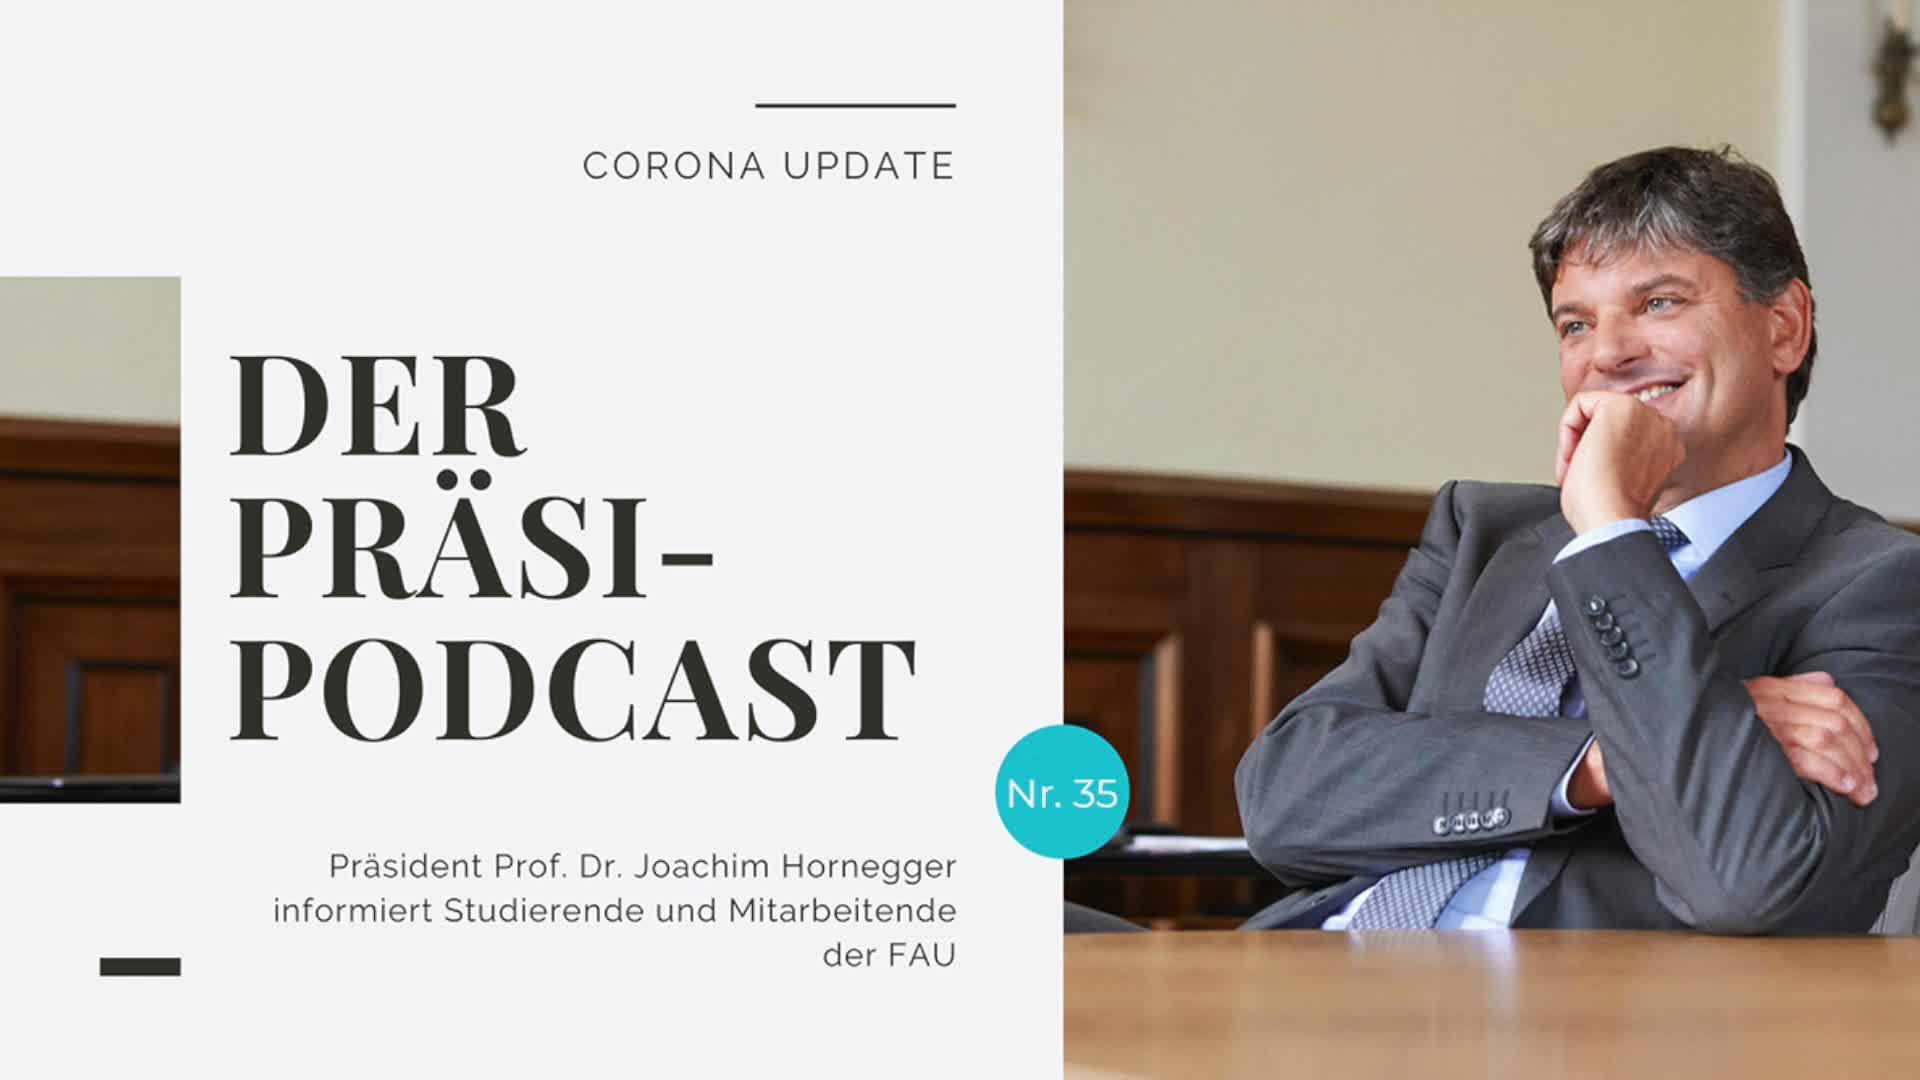 """""""Der Präsi-Podcast"""" vom 23. Dezember 2020 preview image"""